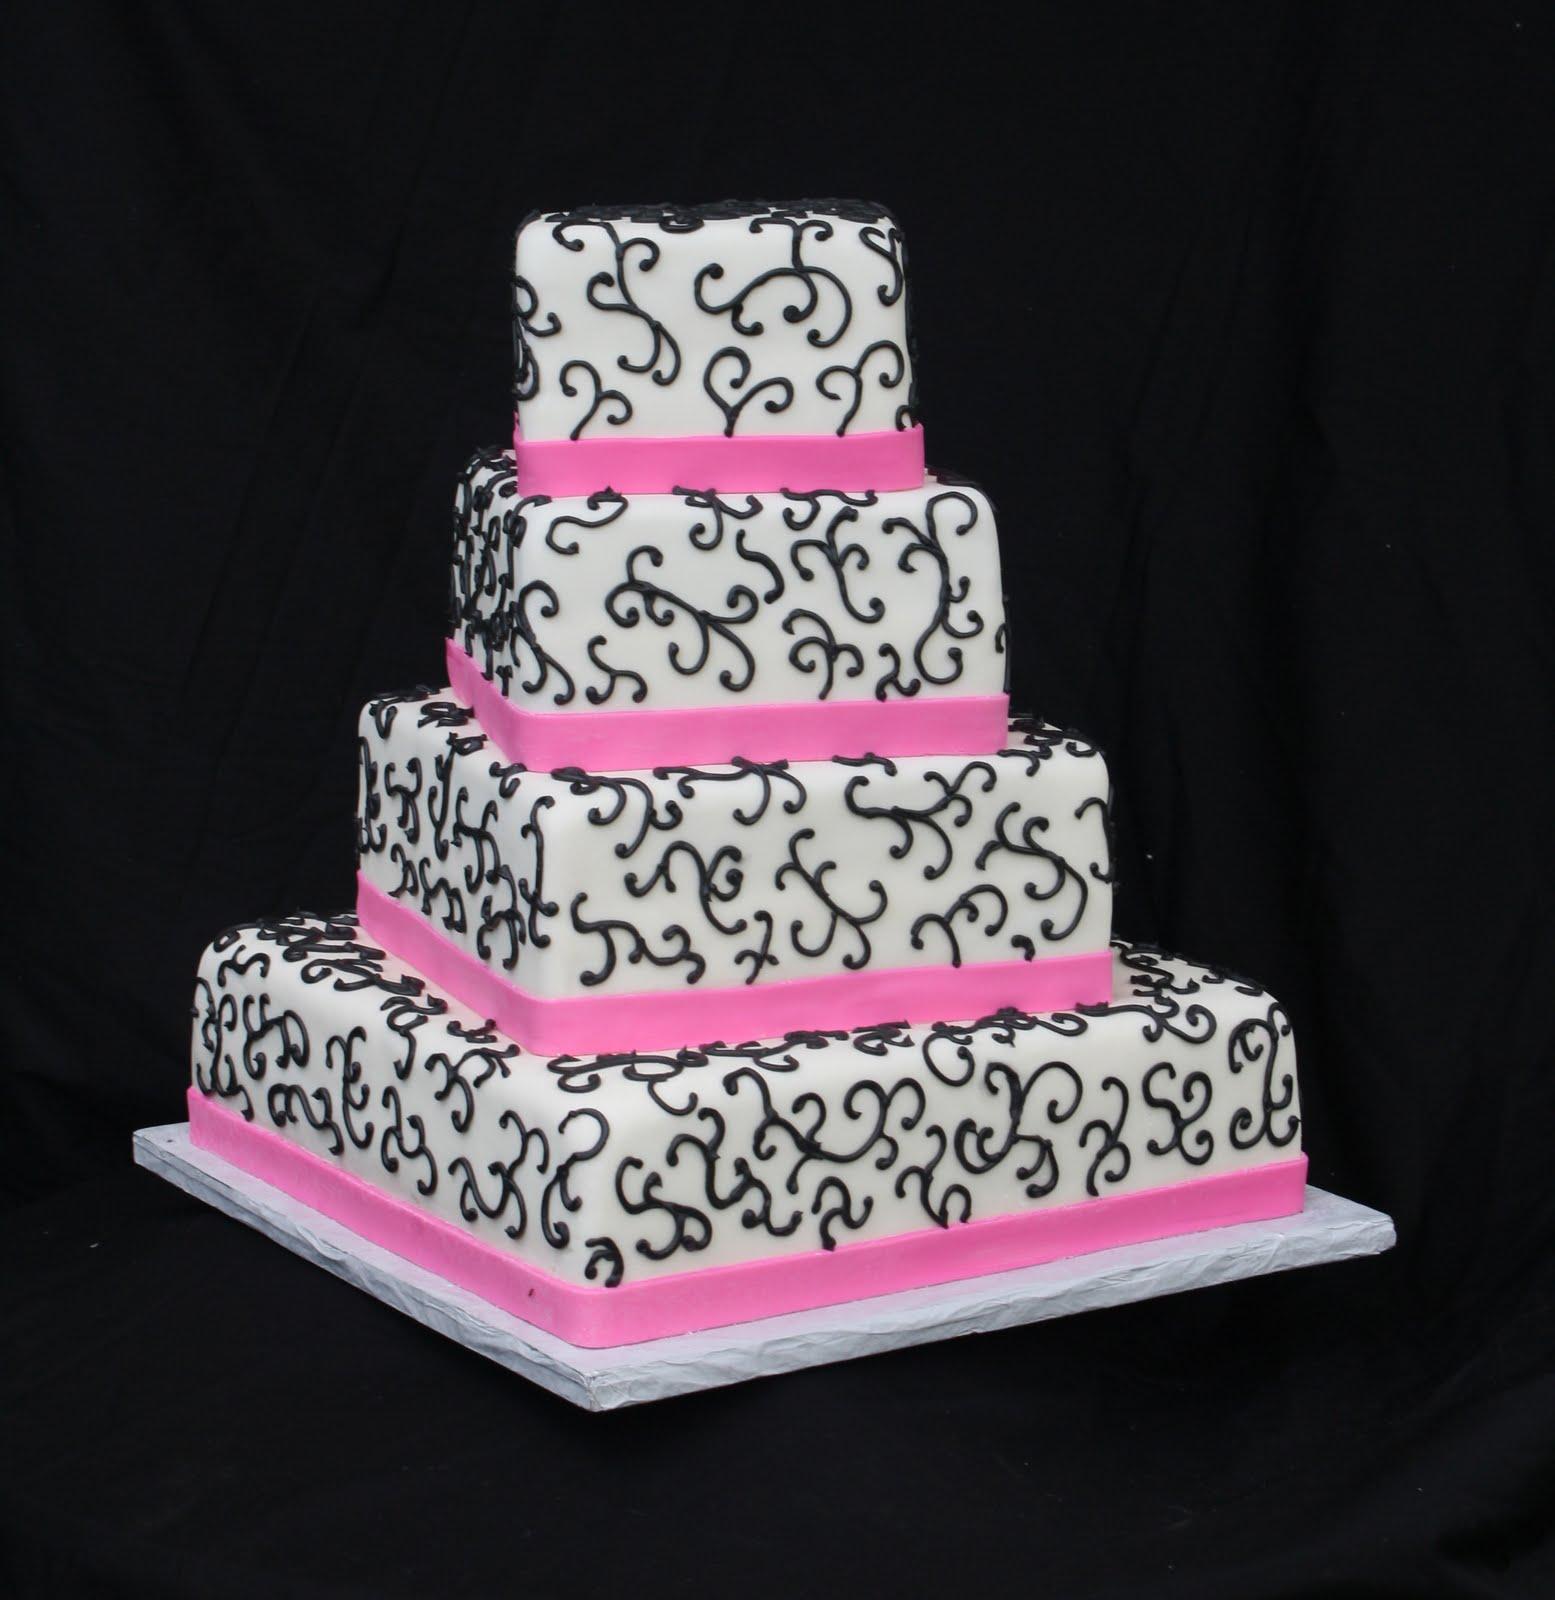 Hot Pink & Black Wedding Cake